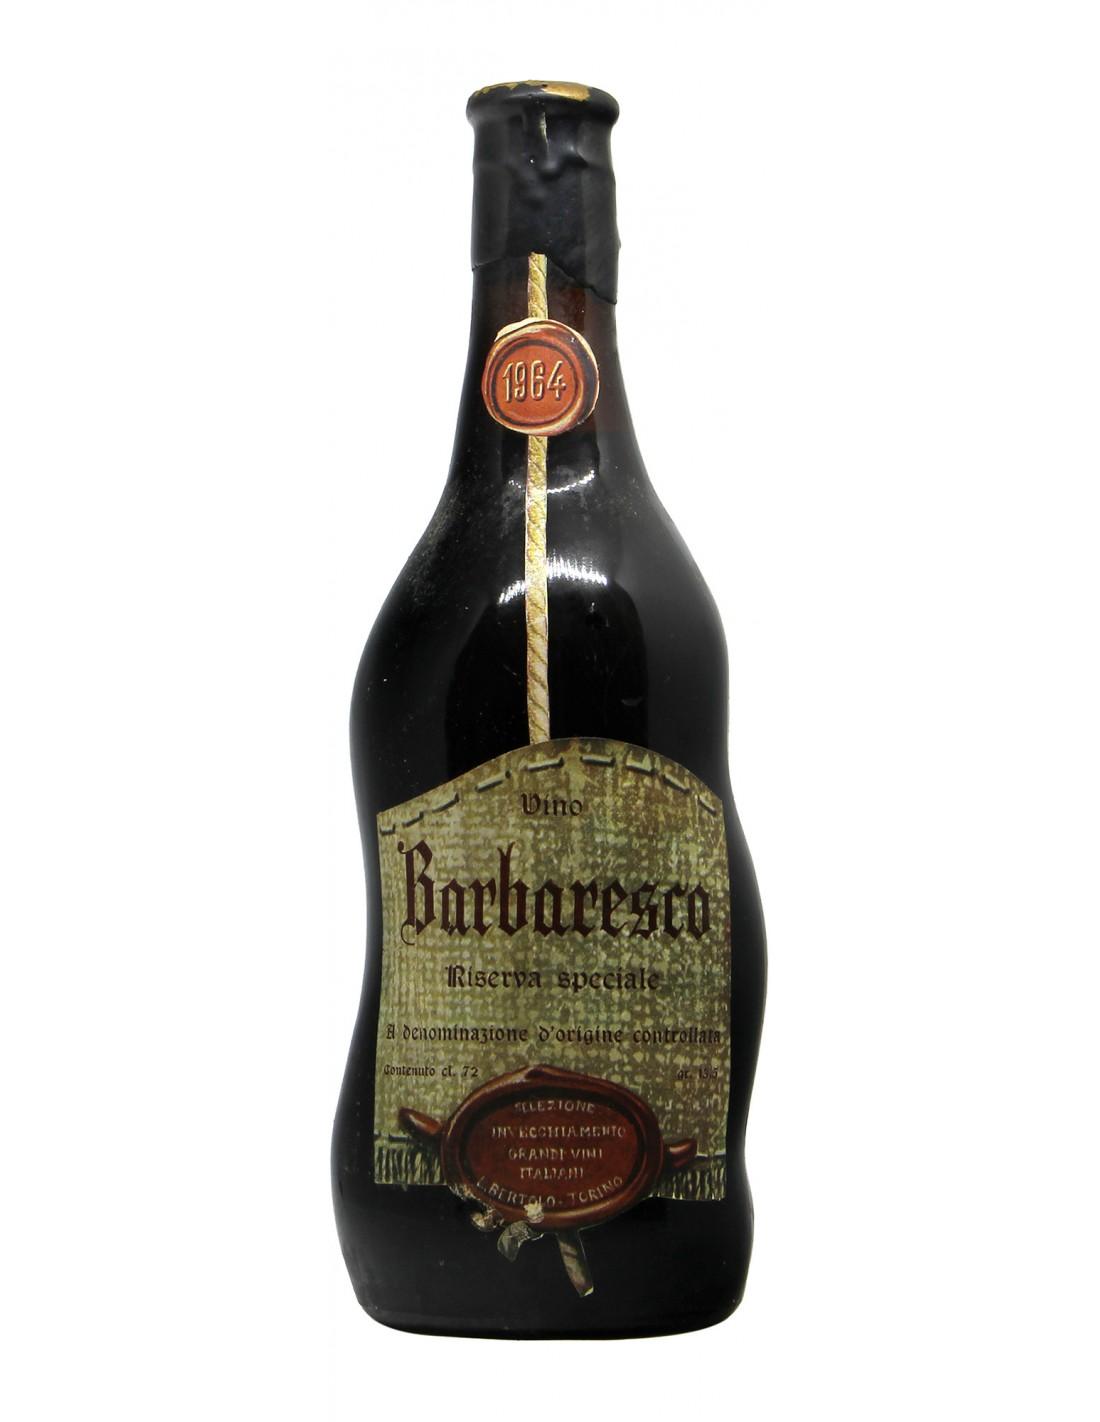 Barbaresco Riserva Speciale 1964 BERTOLO GRANDI BOTTIGLIE